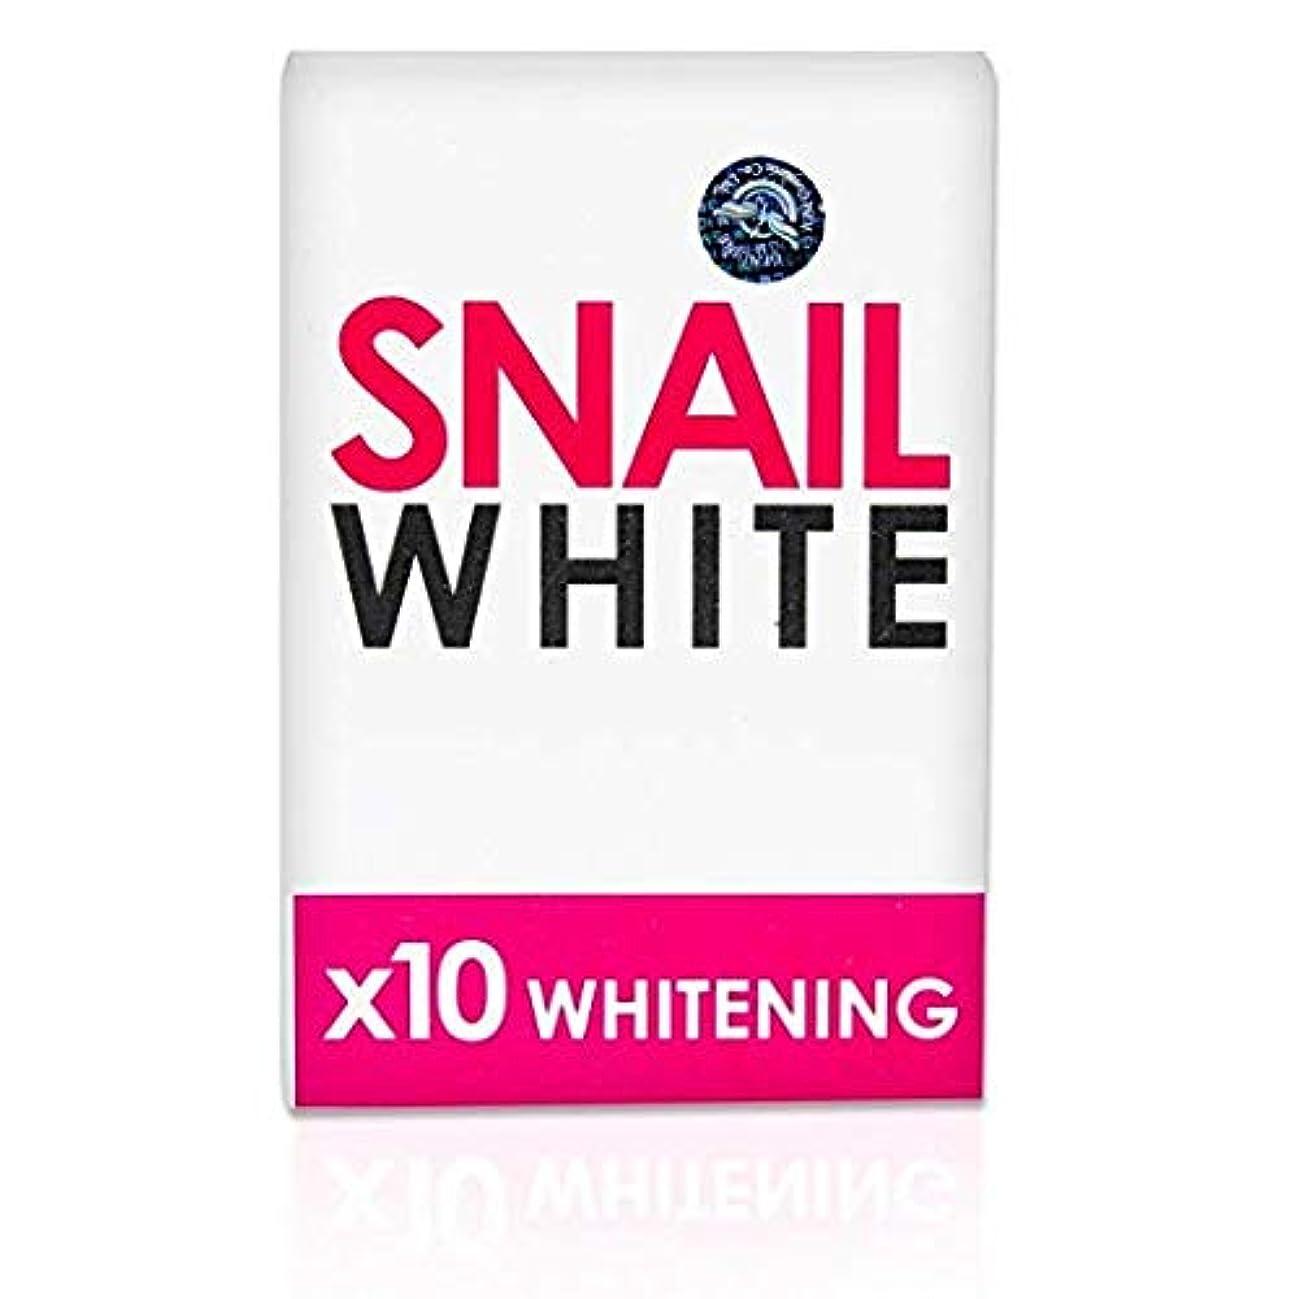 売る会計すすり泣きスネイルホワイト Gluta Snail White x10 Whitening by Dream ホワイトニング 固形石鹸 2個